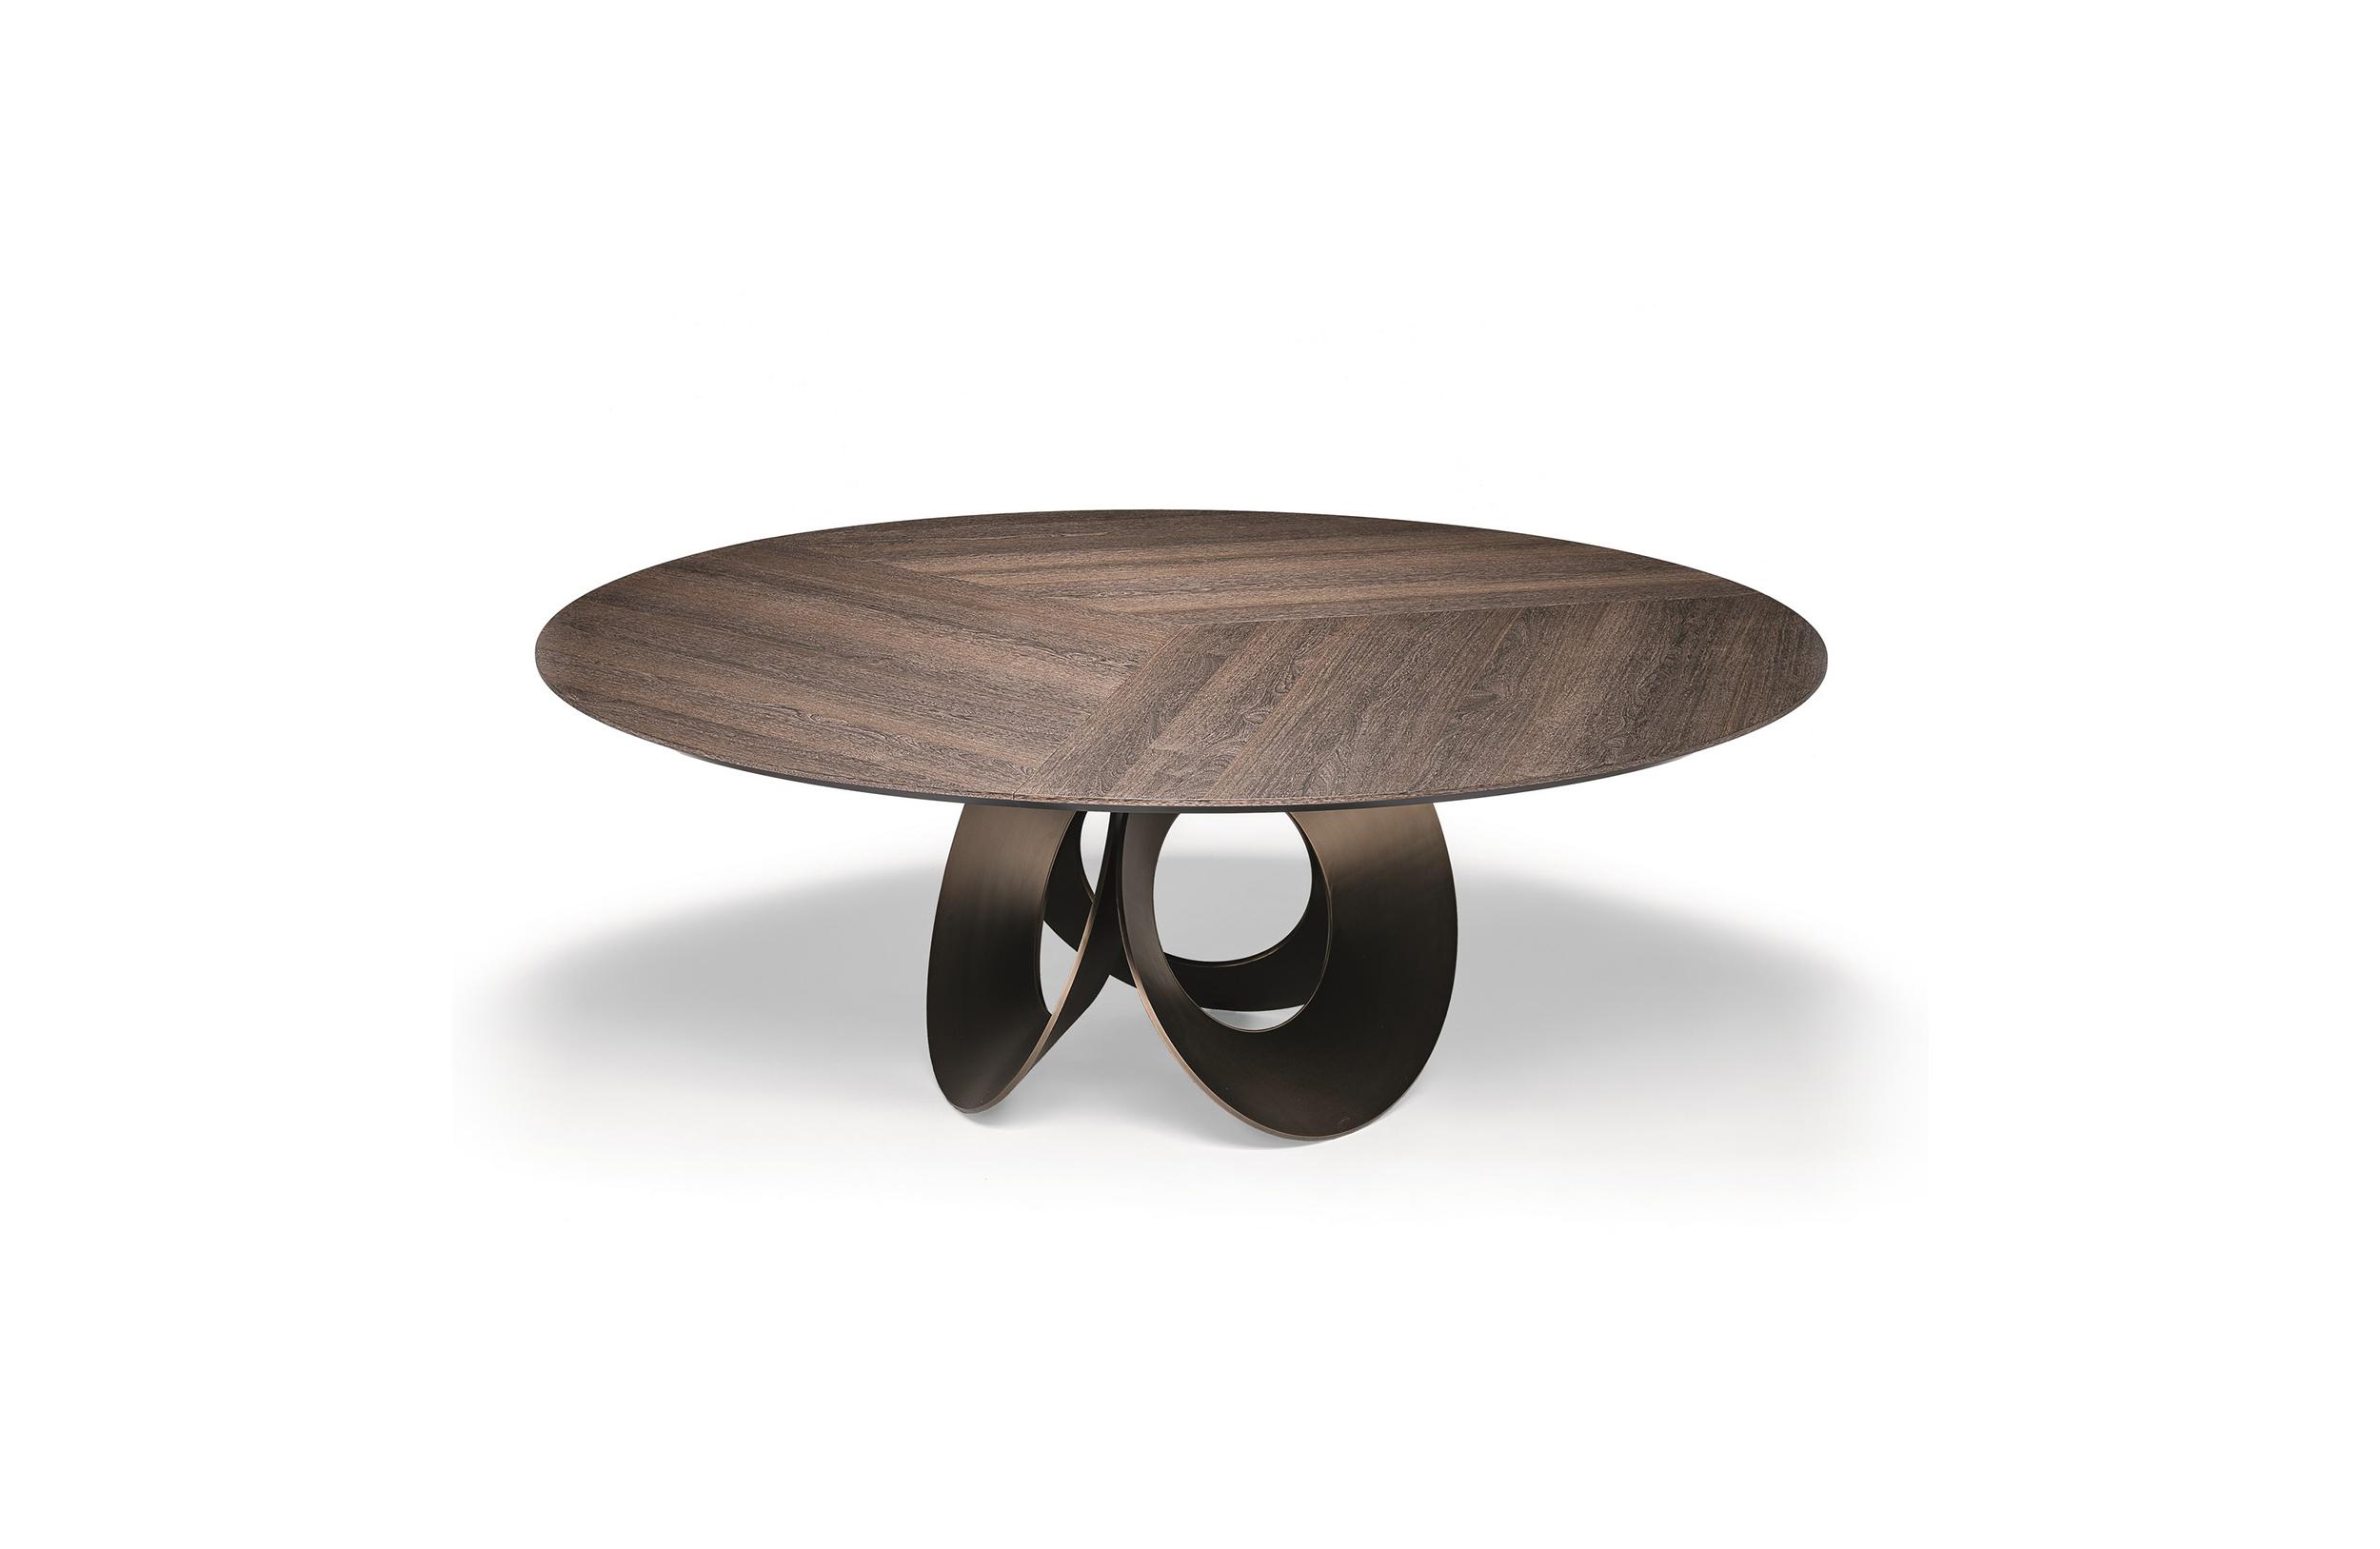 [创意家具 - 桌几|餐桌|创意家具|现代家居|时尚家具|设计师家具|神谕餐桌]